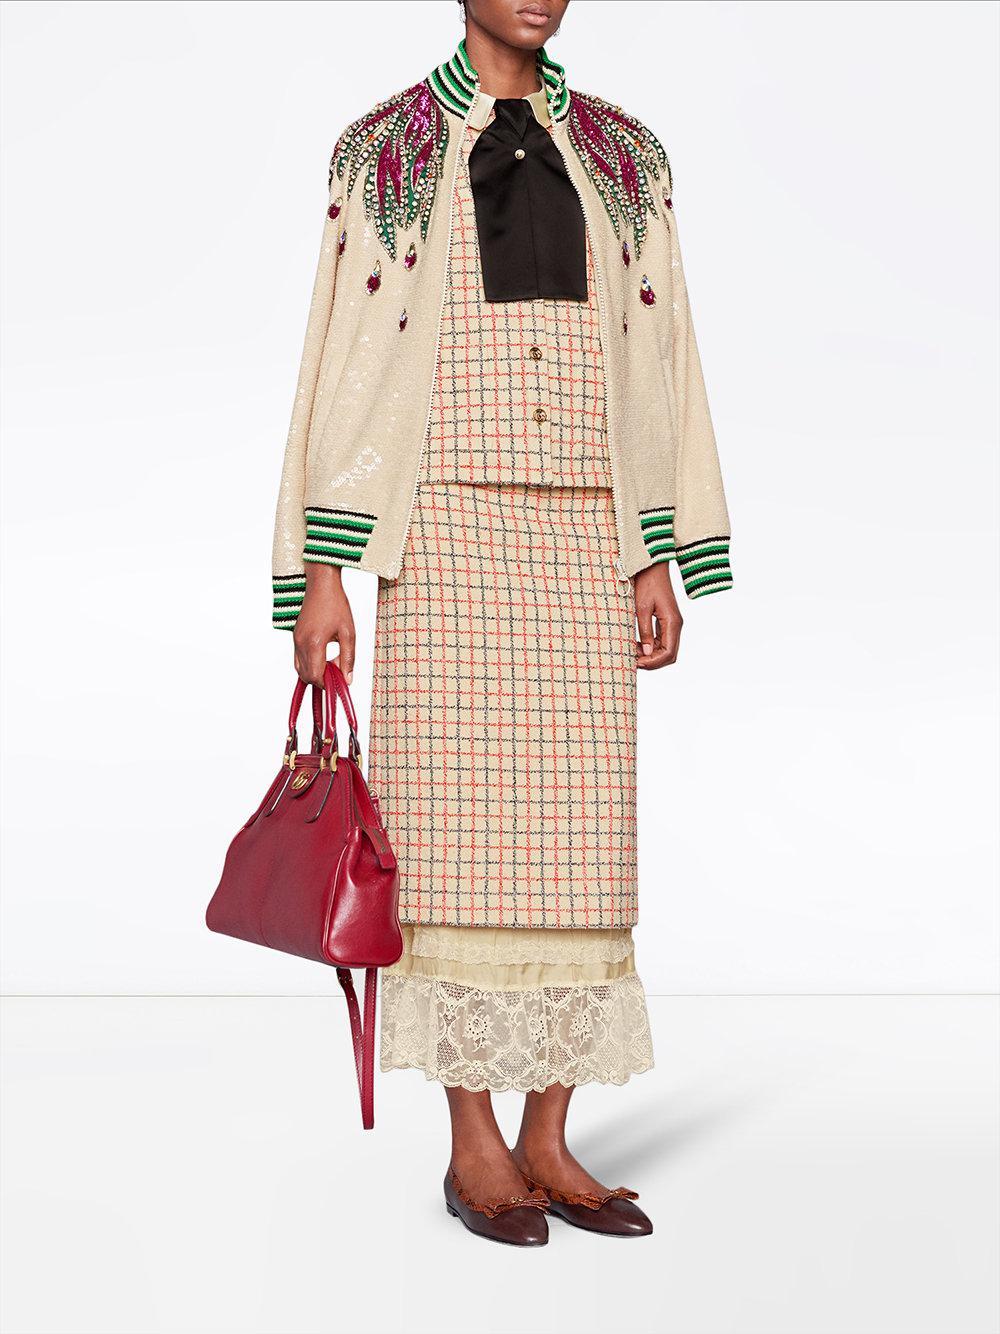 Lyst - Grand cabas à poignées RE(BELLE) Gucci en coloris Rouge ... a88186a9f57